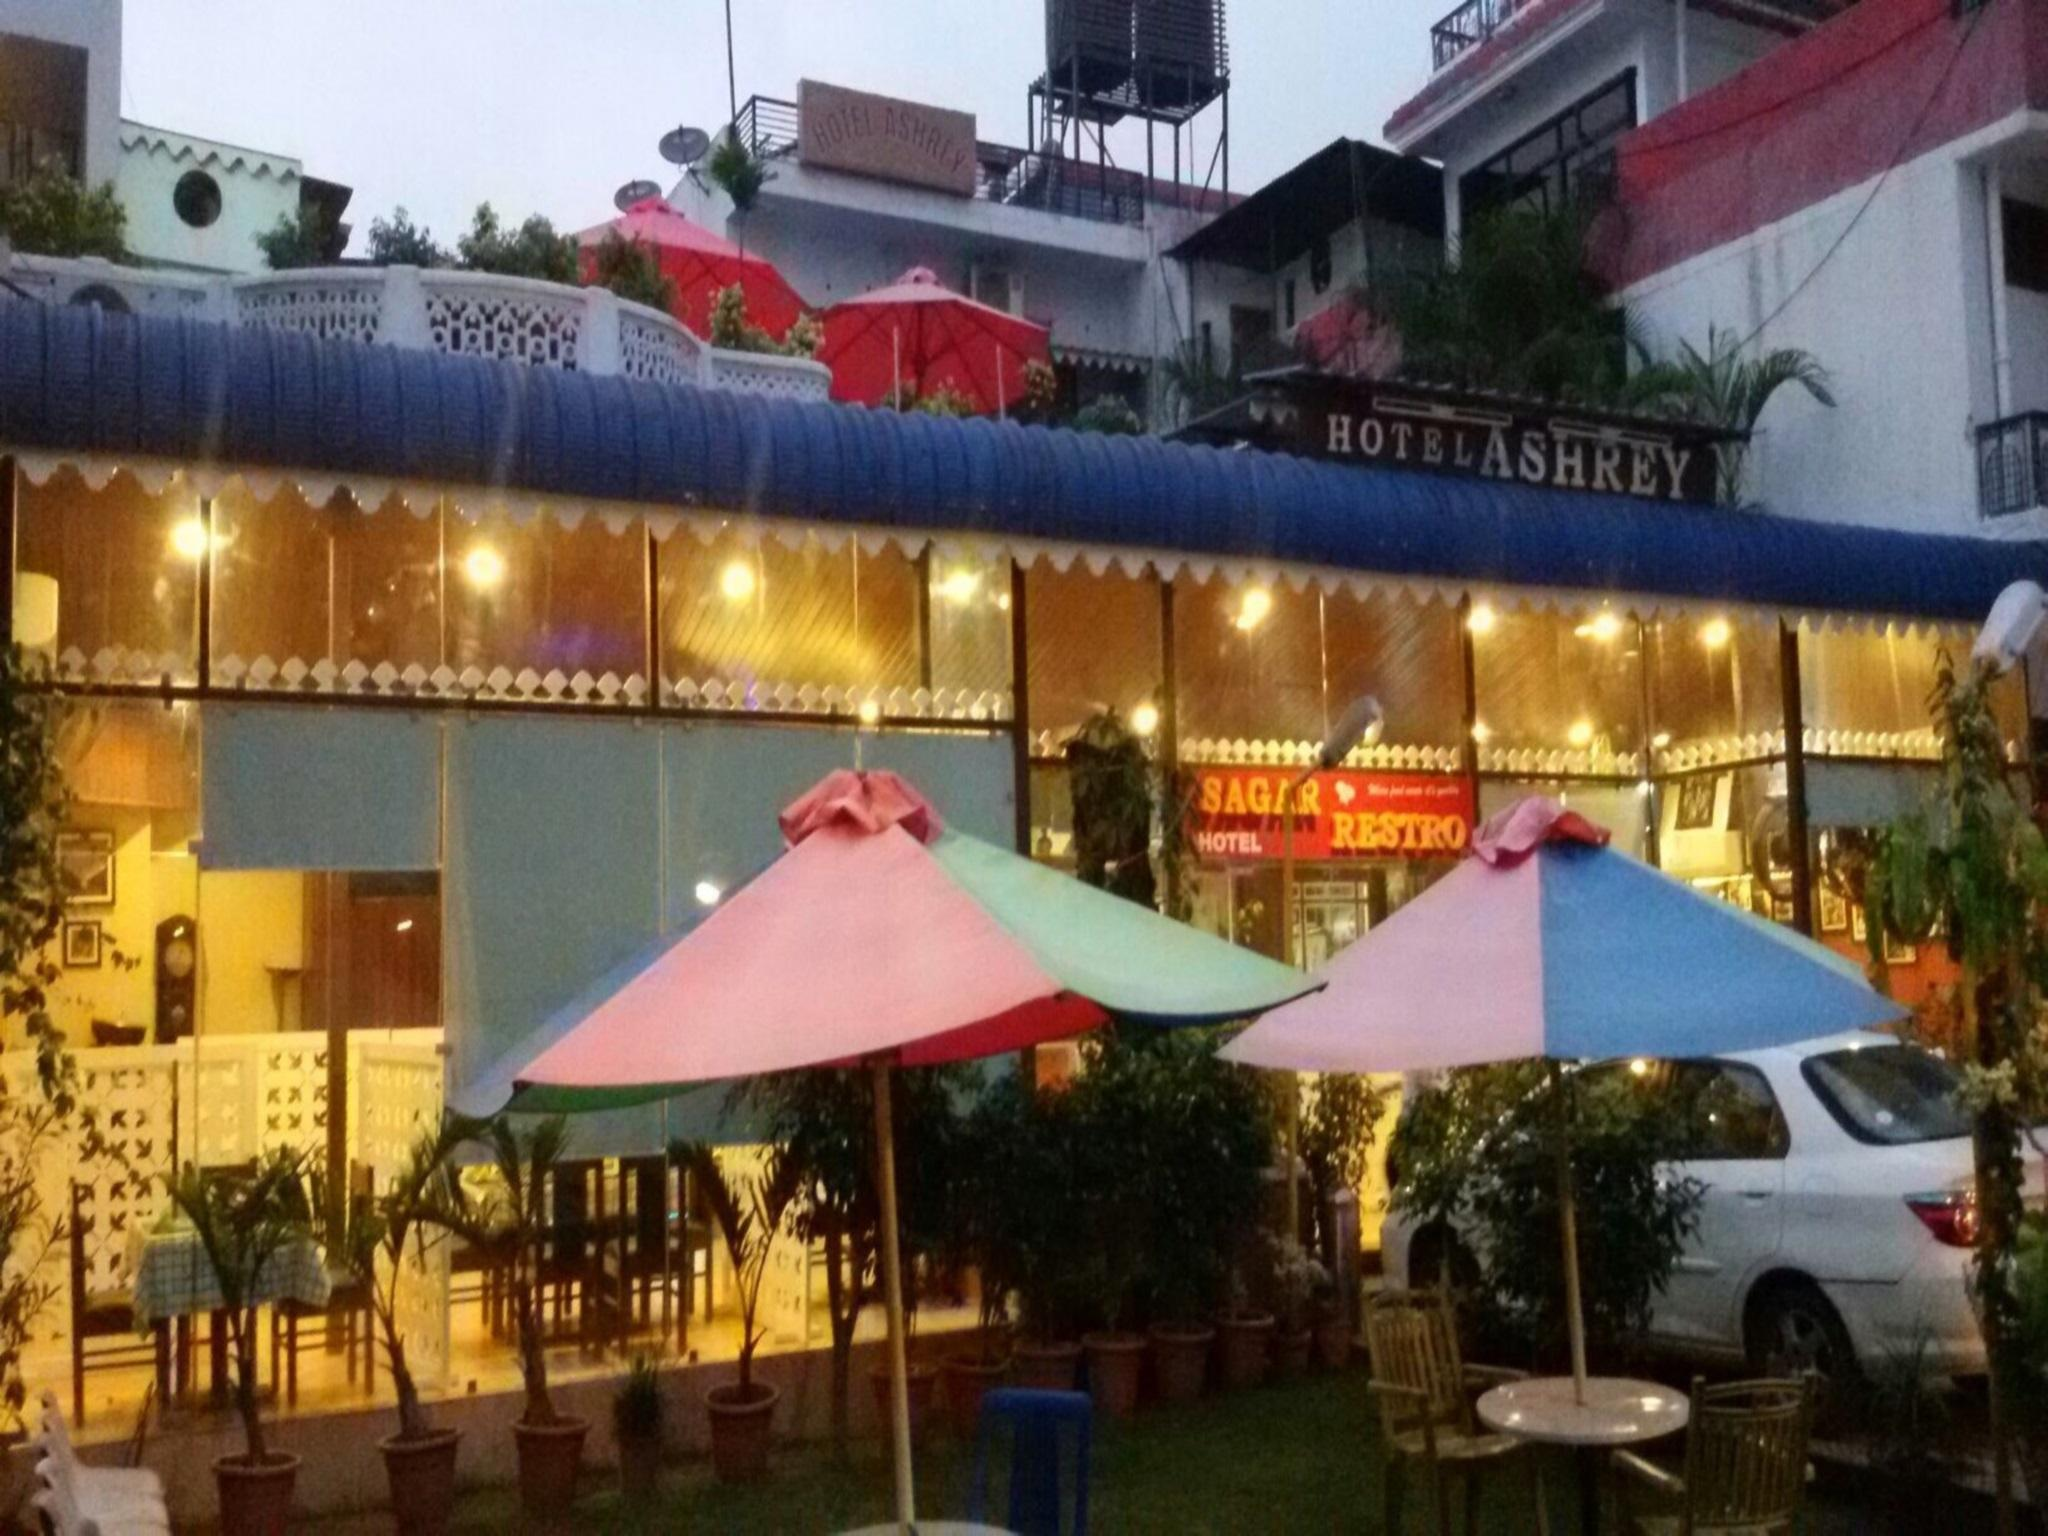 Hotel Ashrey